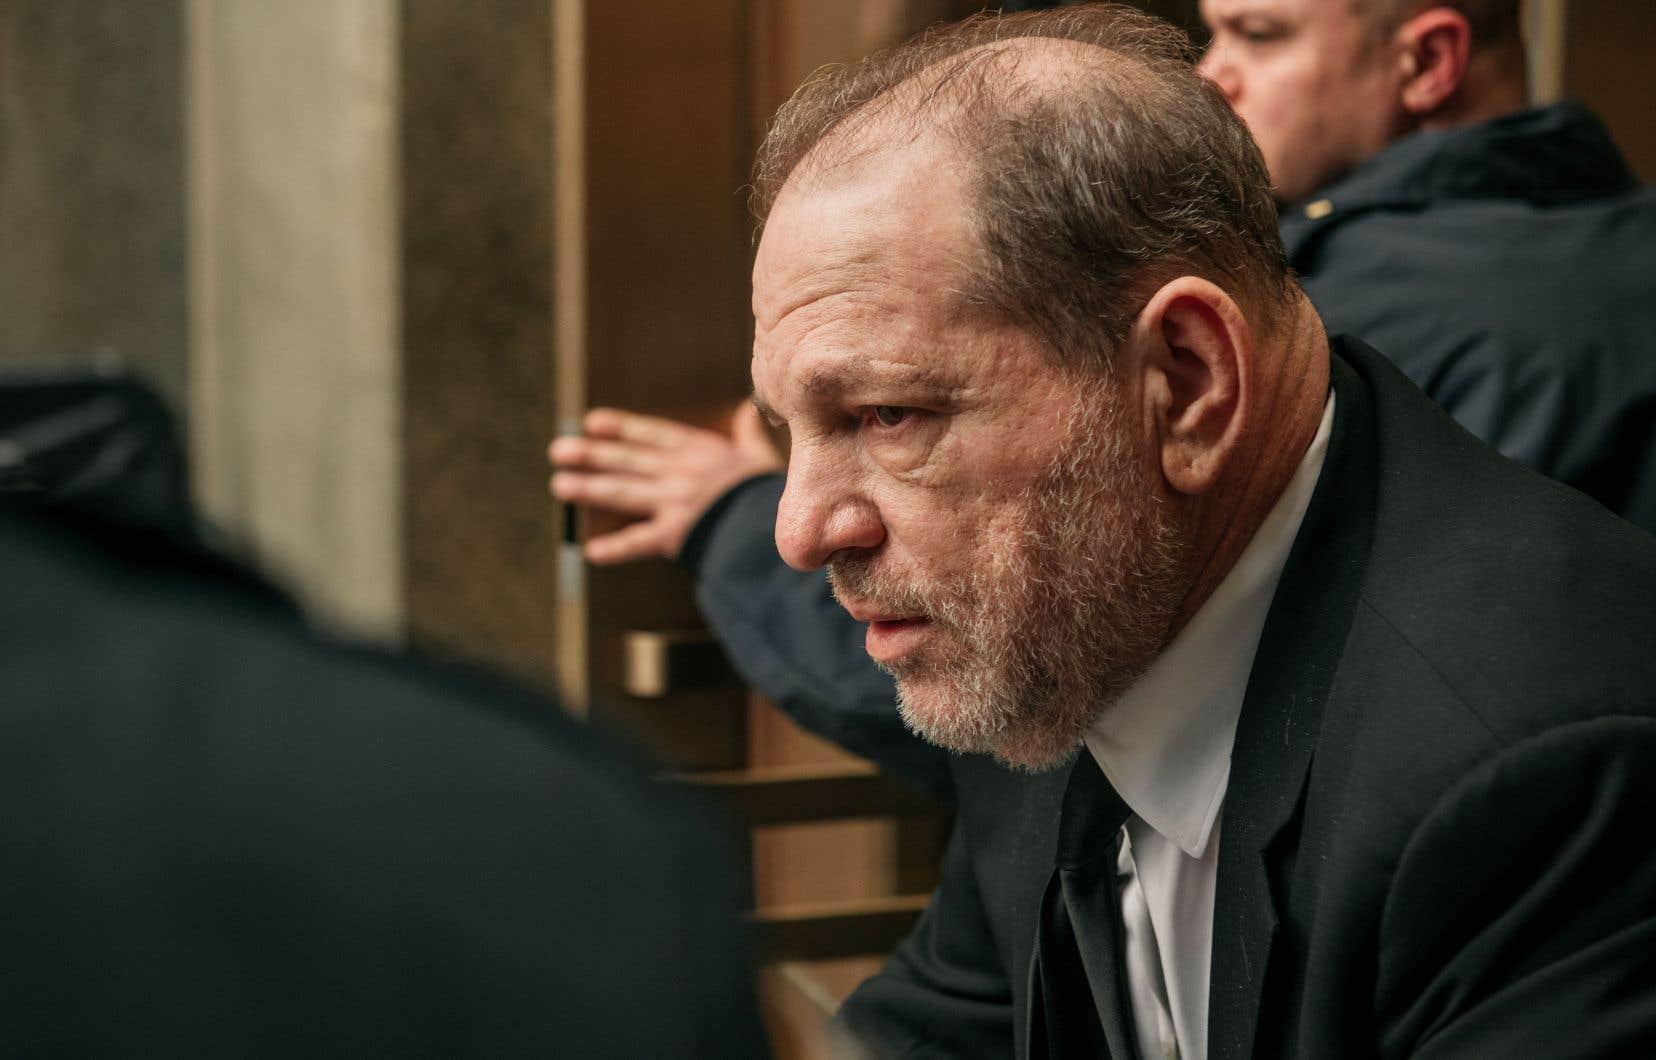 Accusé de harcèlement ou d'agression sexuelle par plus de 80 femmes, Harvey Weinstein ne sera jugé à New York que pour deux faits présumés, une agression sexuelle et un viol.